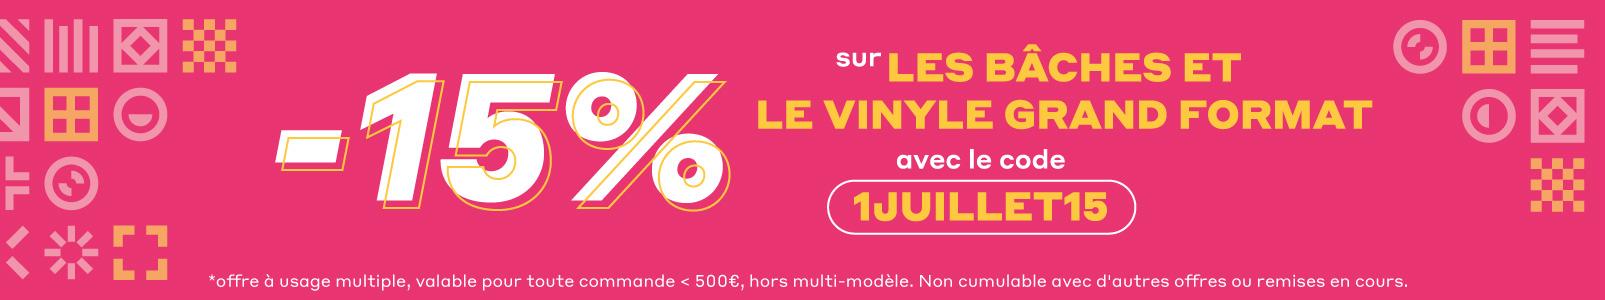 -15% sur les bâches et le vinyle grand format sur Exaprint.fr